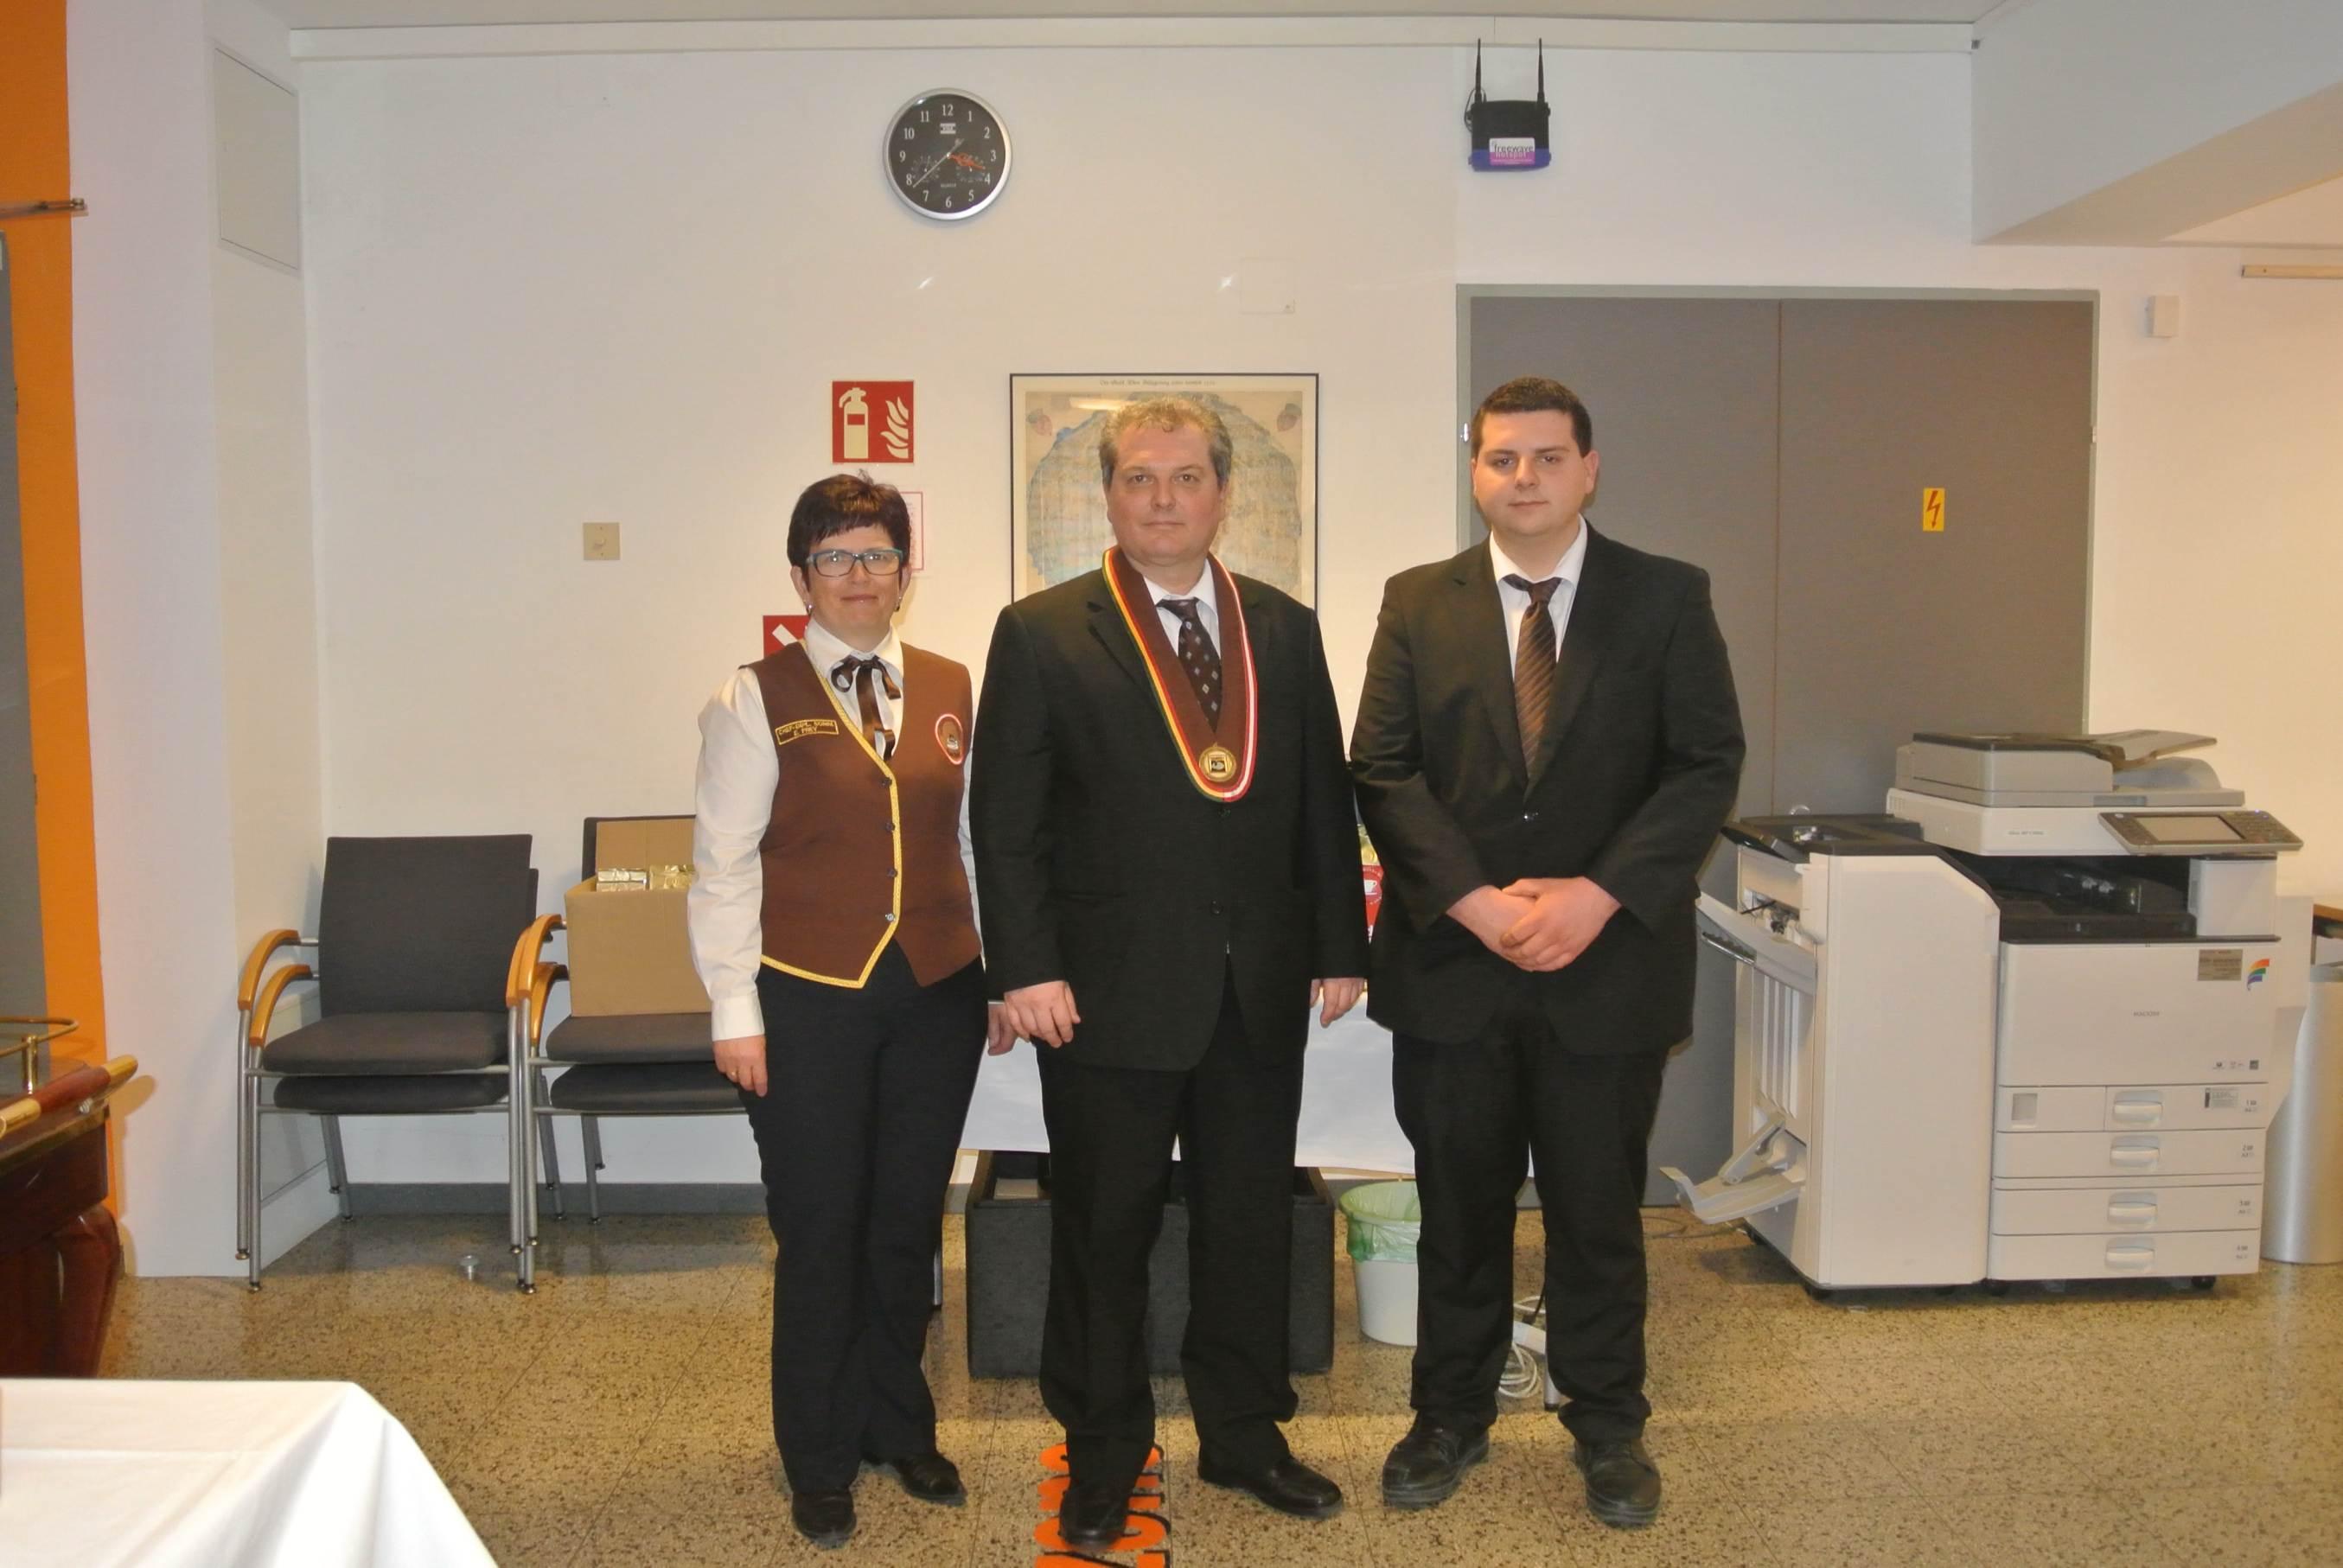 Herrn Markus Madar, MAS (in der Mitte) mit seiner Mitarbeiterin und seinem Sohn.